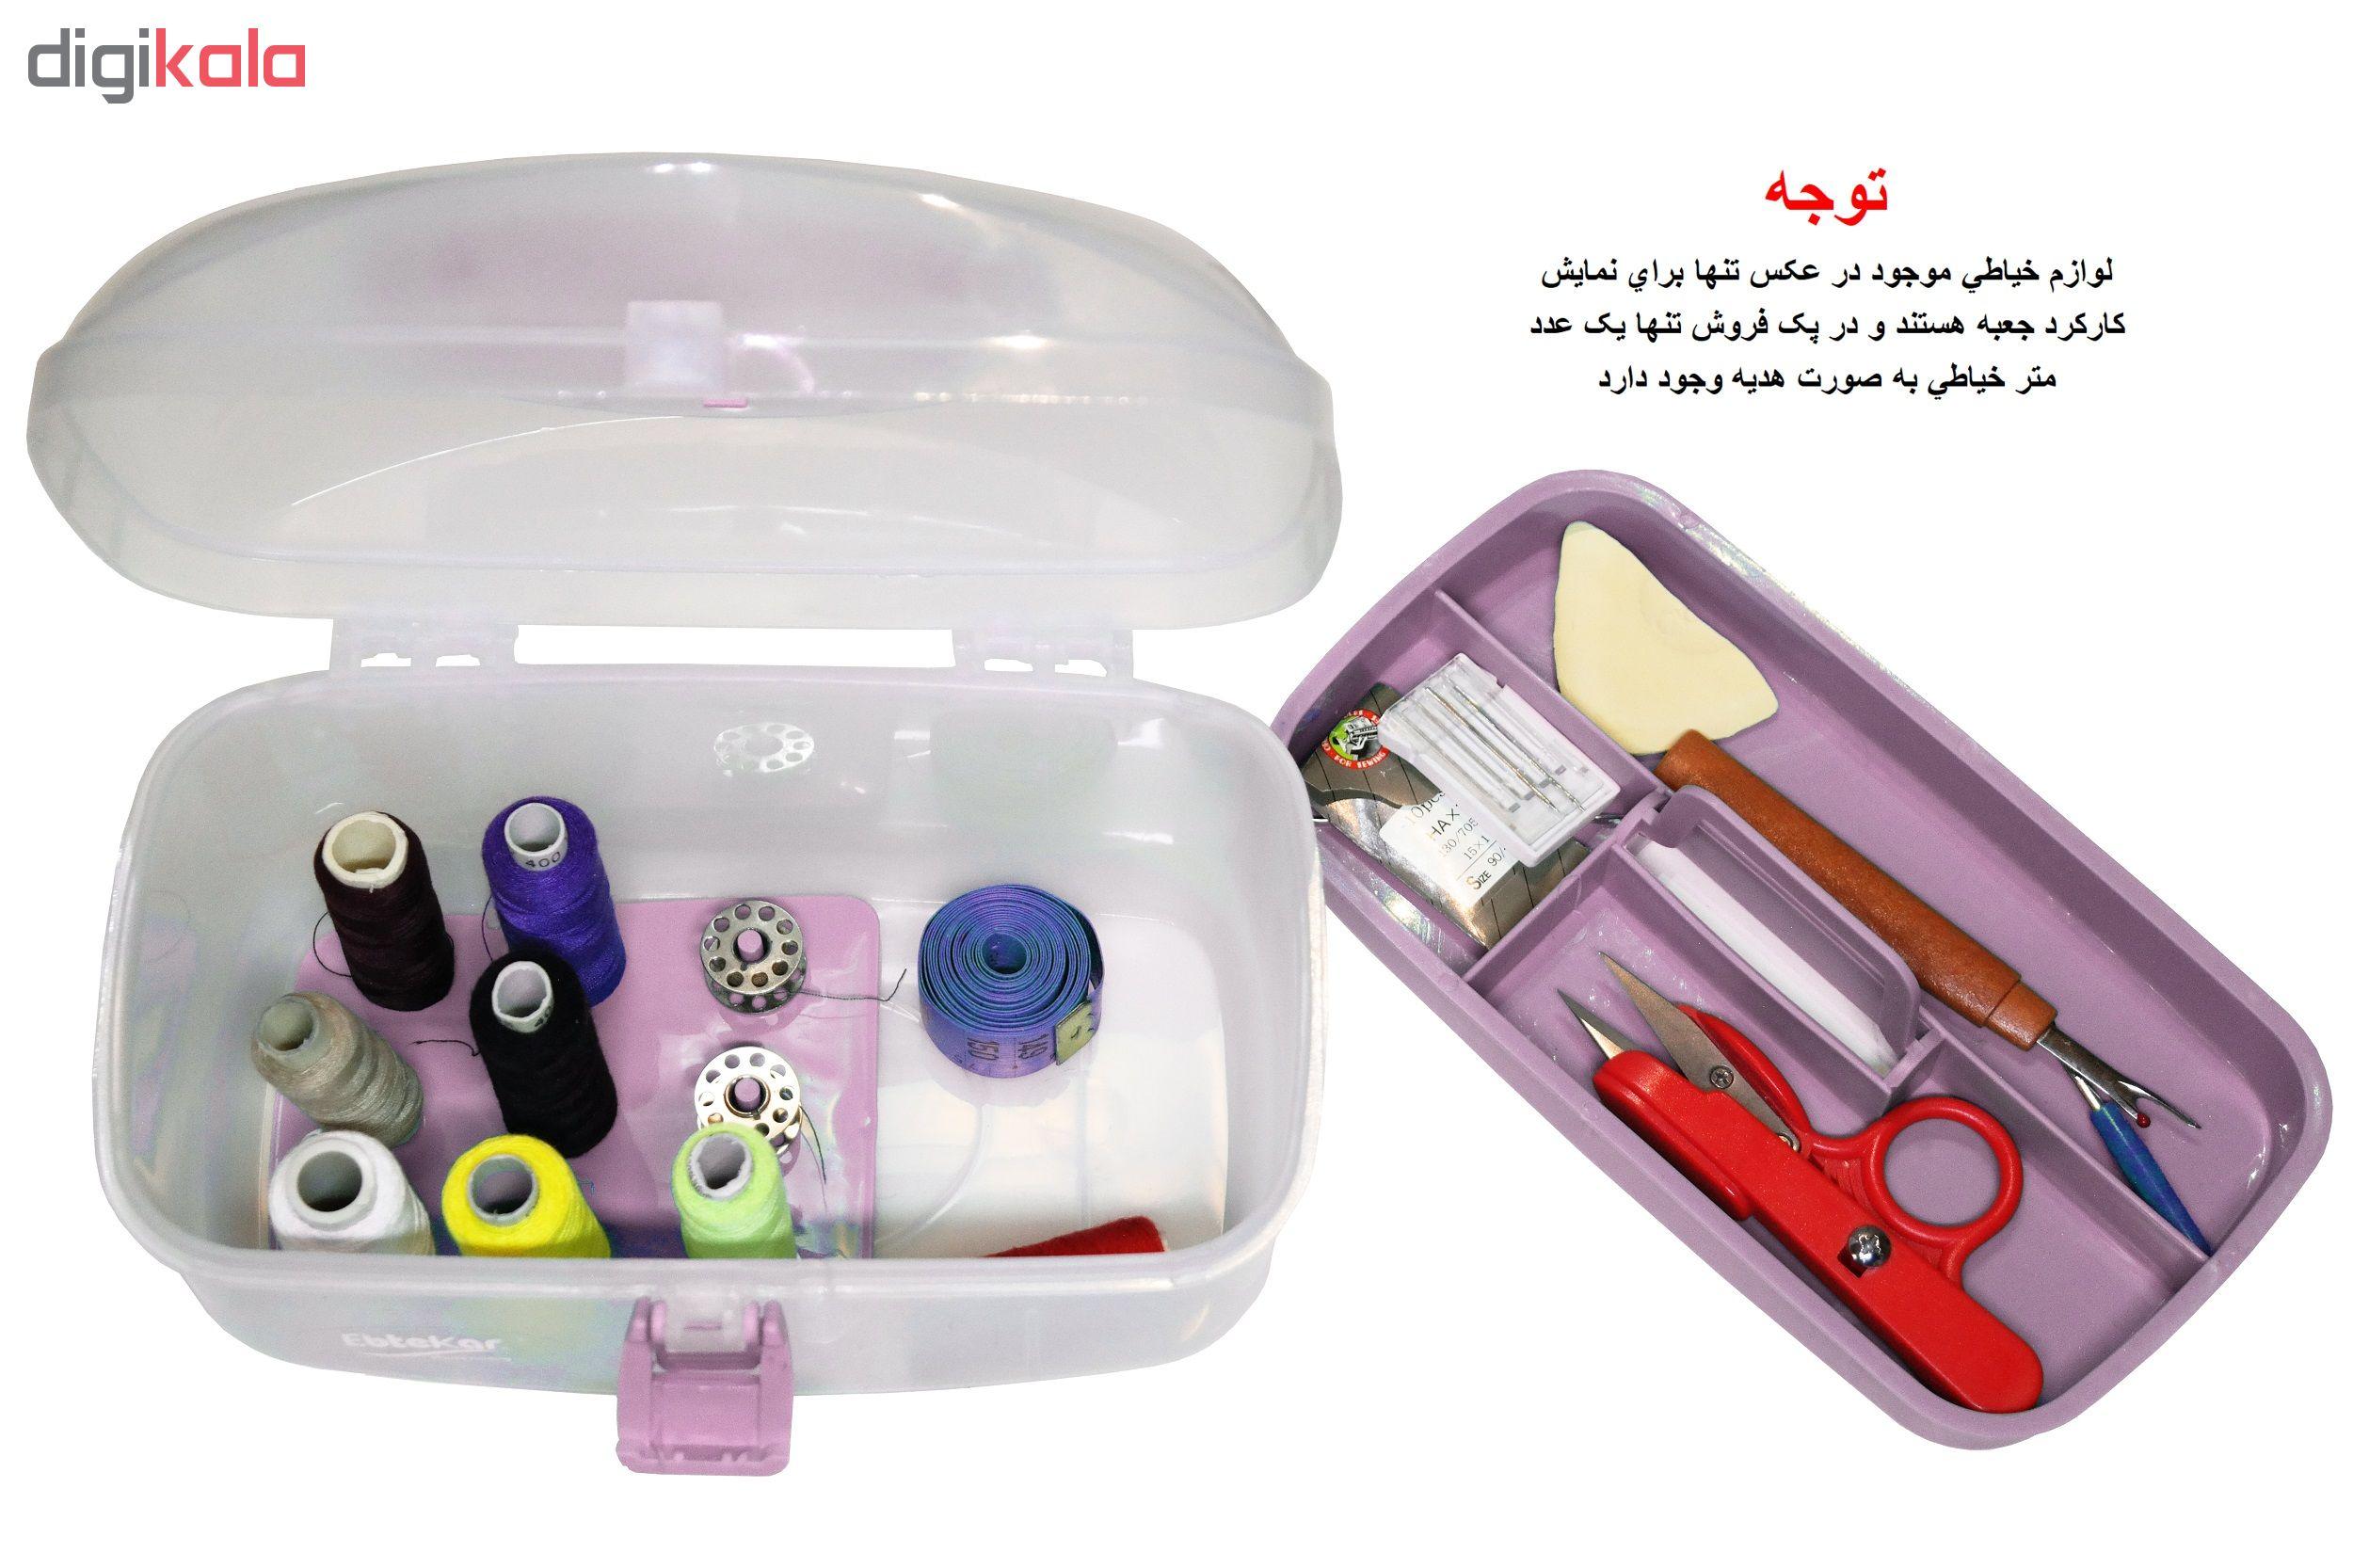 جعبه لوازم خیاطی ابتکار مدل Pink به همراه متر خیاطی main 1 5